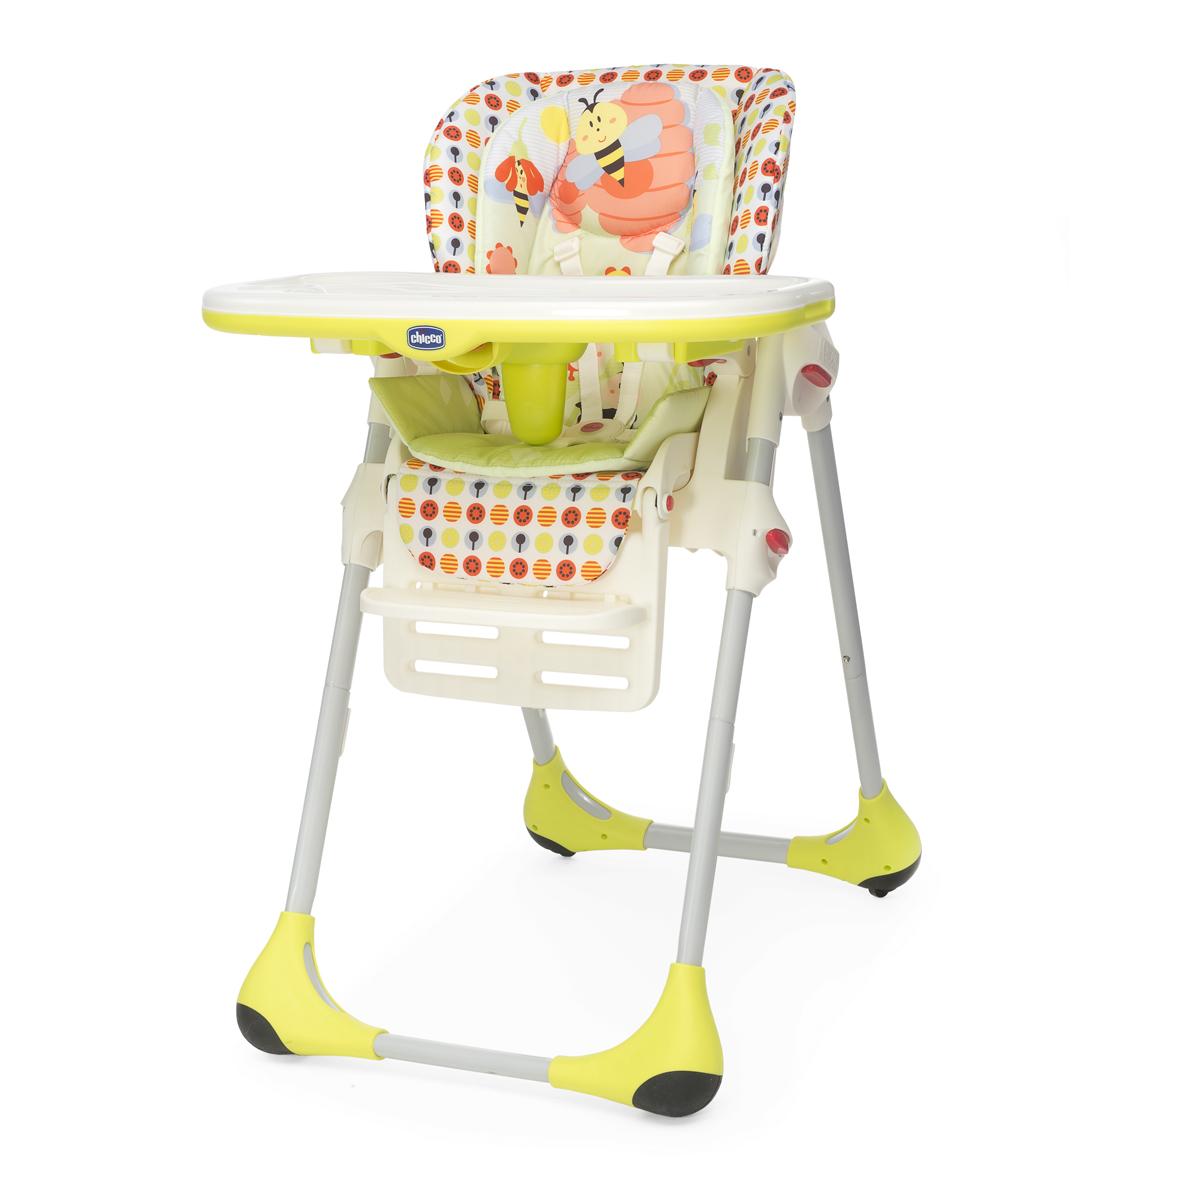 Židlička jídelní Polly 2v1 New - SUNNY